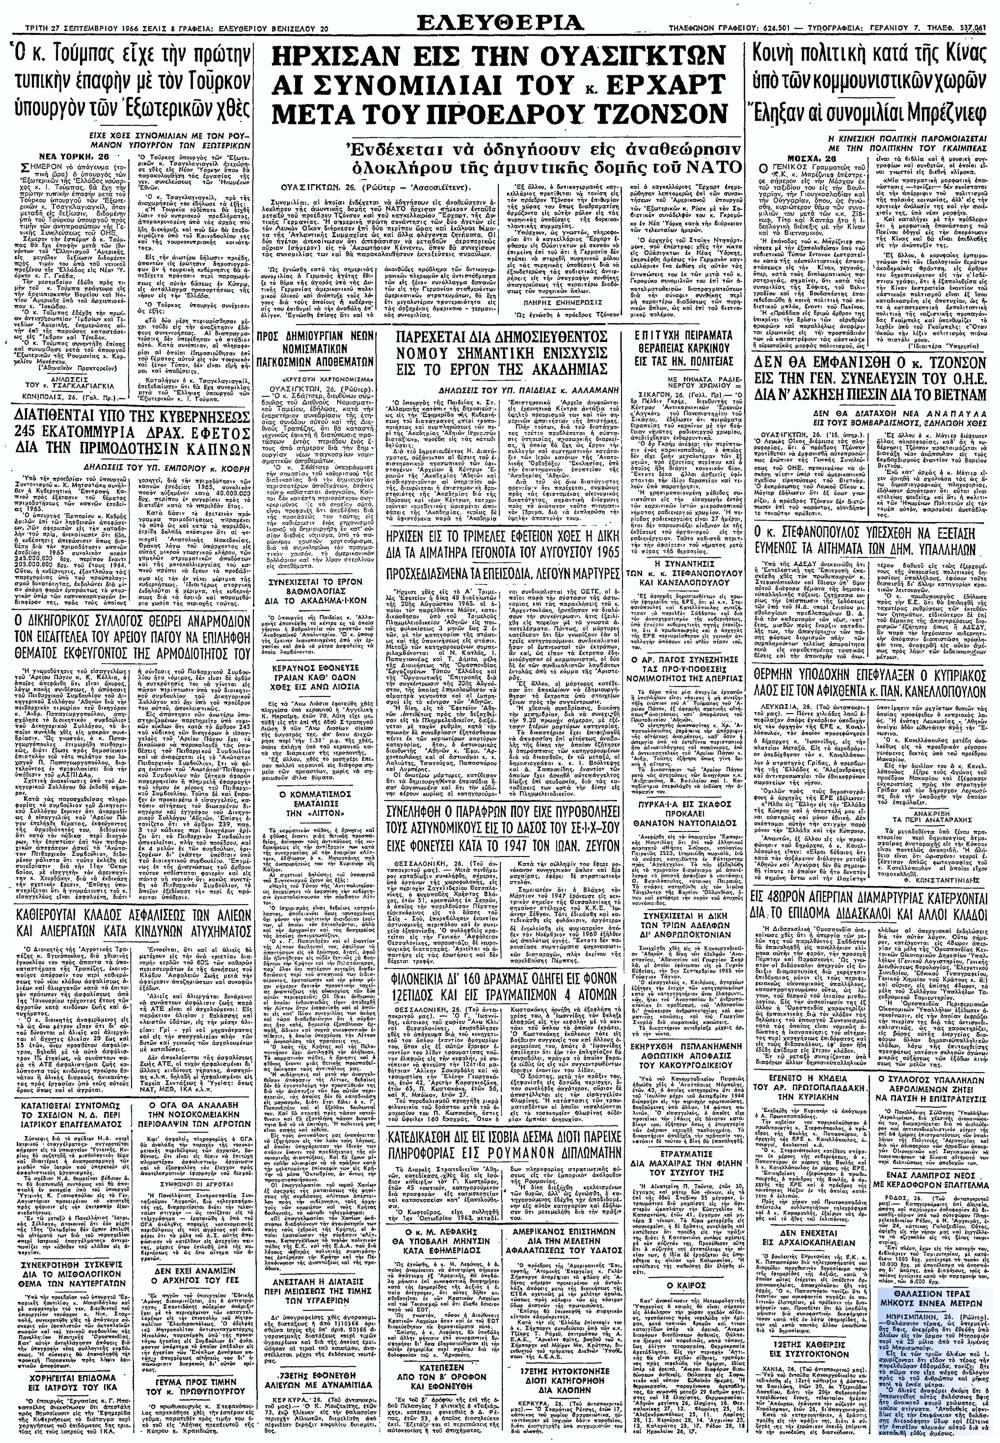 """Το άρθρο, όπως δημοσιεύθηκε στην εφημερίδα """"ΕΛΕΥΘΕΡΙΑ"""", στις 27/09/1966"""